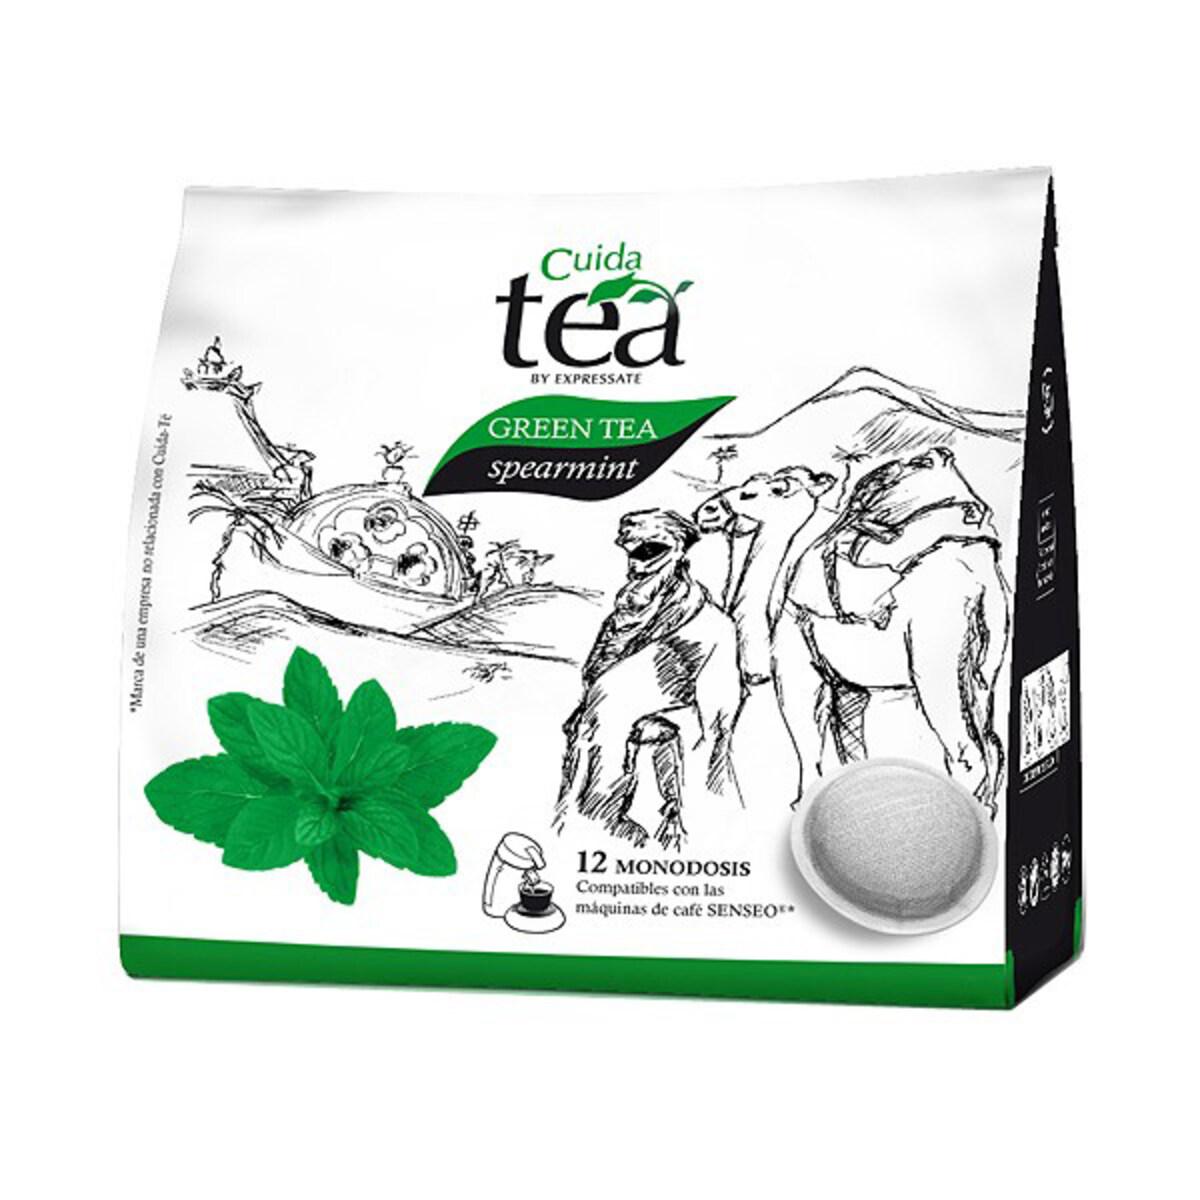 Cuida Green Tea Spearmint - Сенсео съвместим пад чай мента